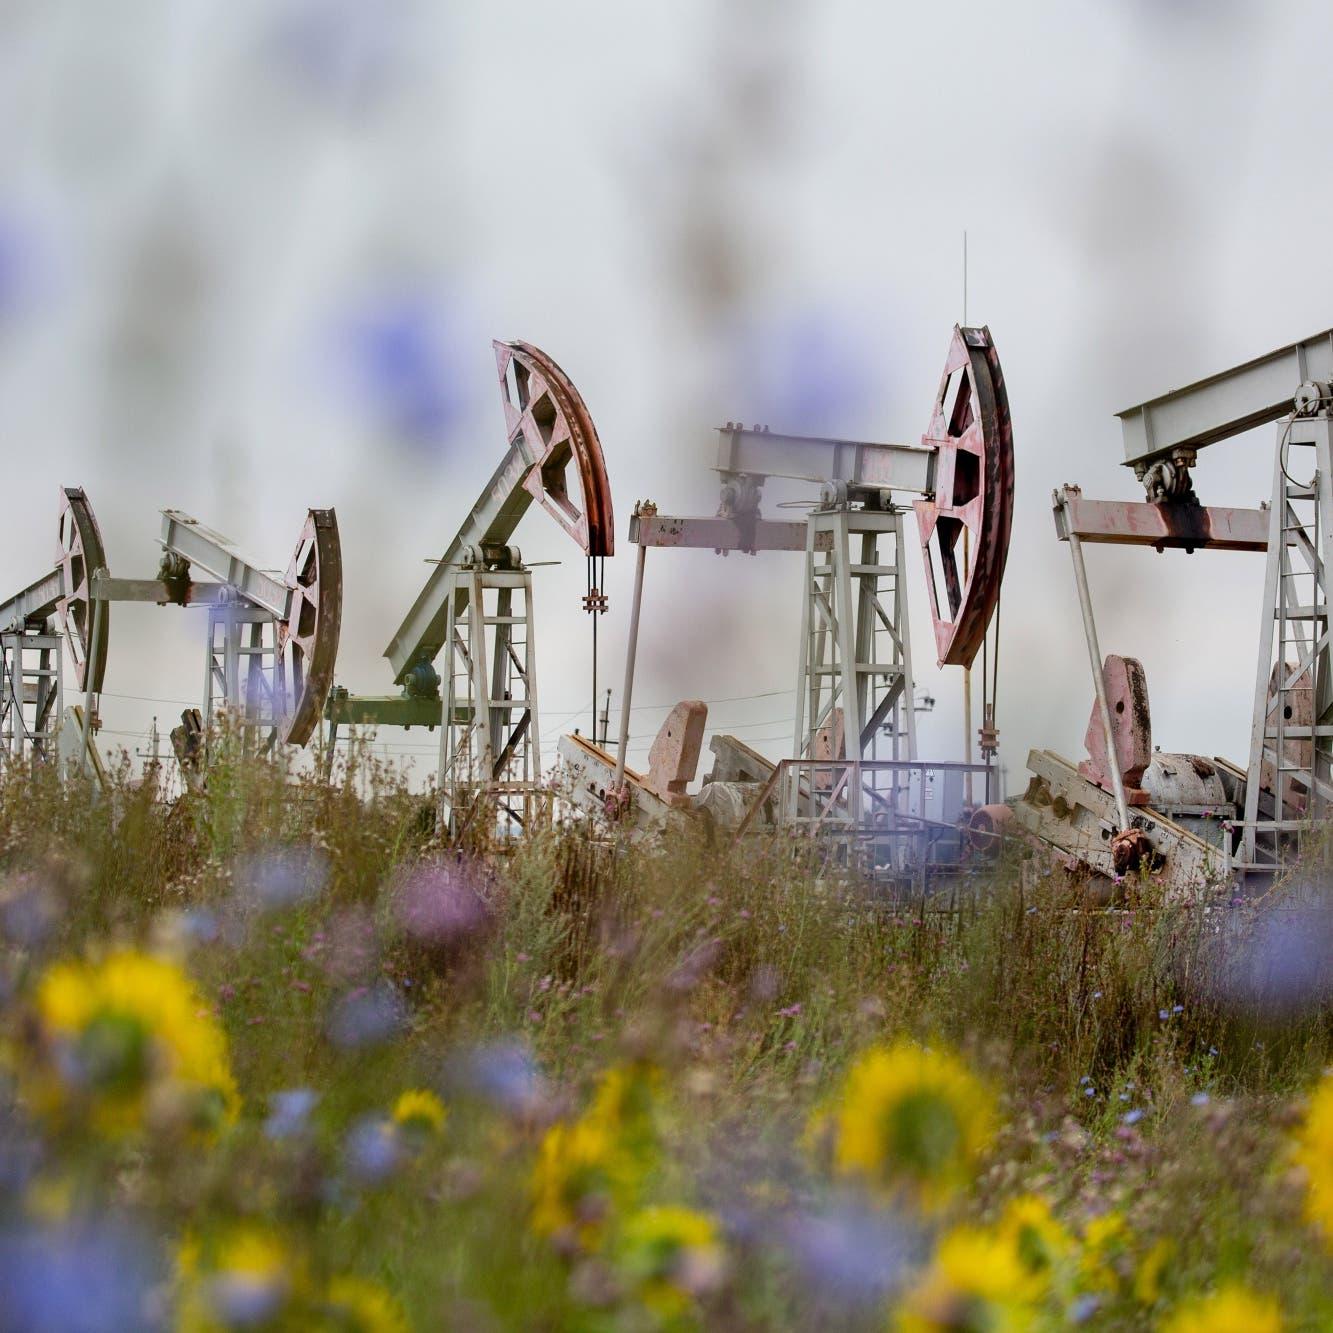 بنوك عالمية ترفع توقعاتها لأسعار النفط خلال عام 2021